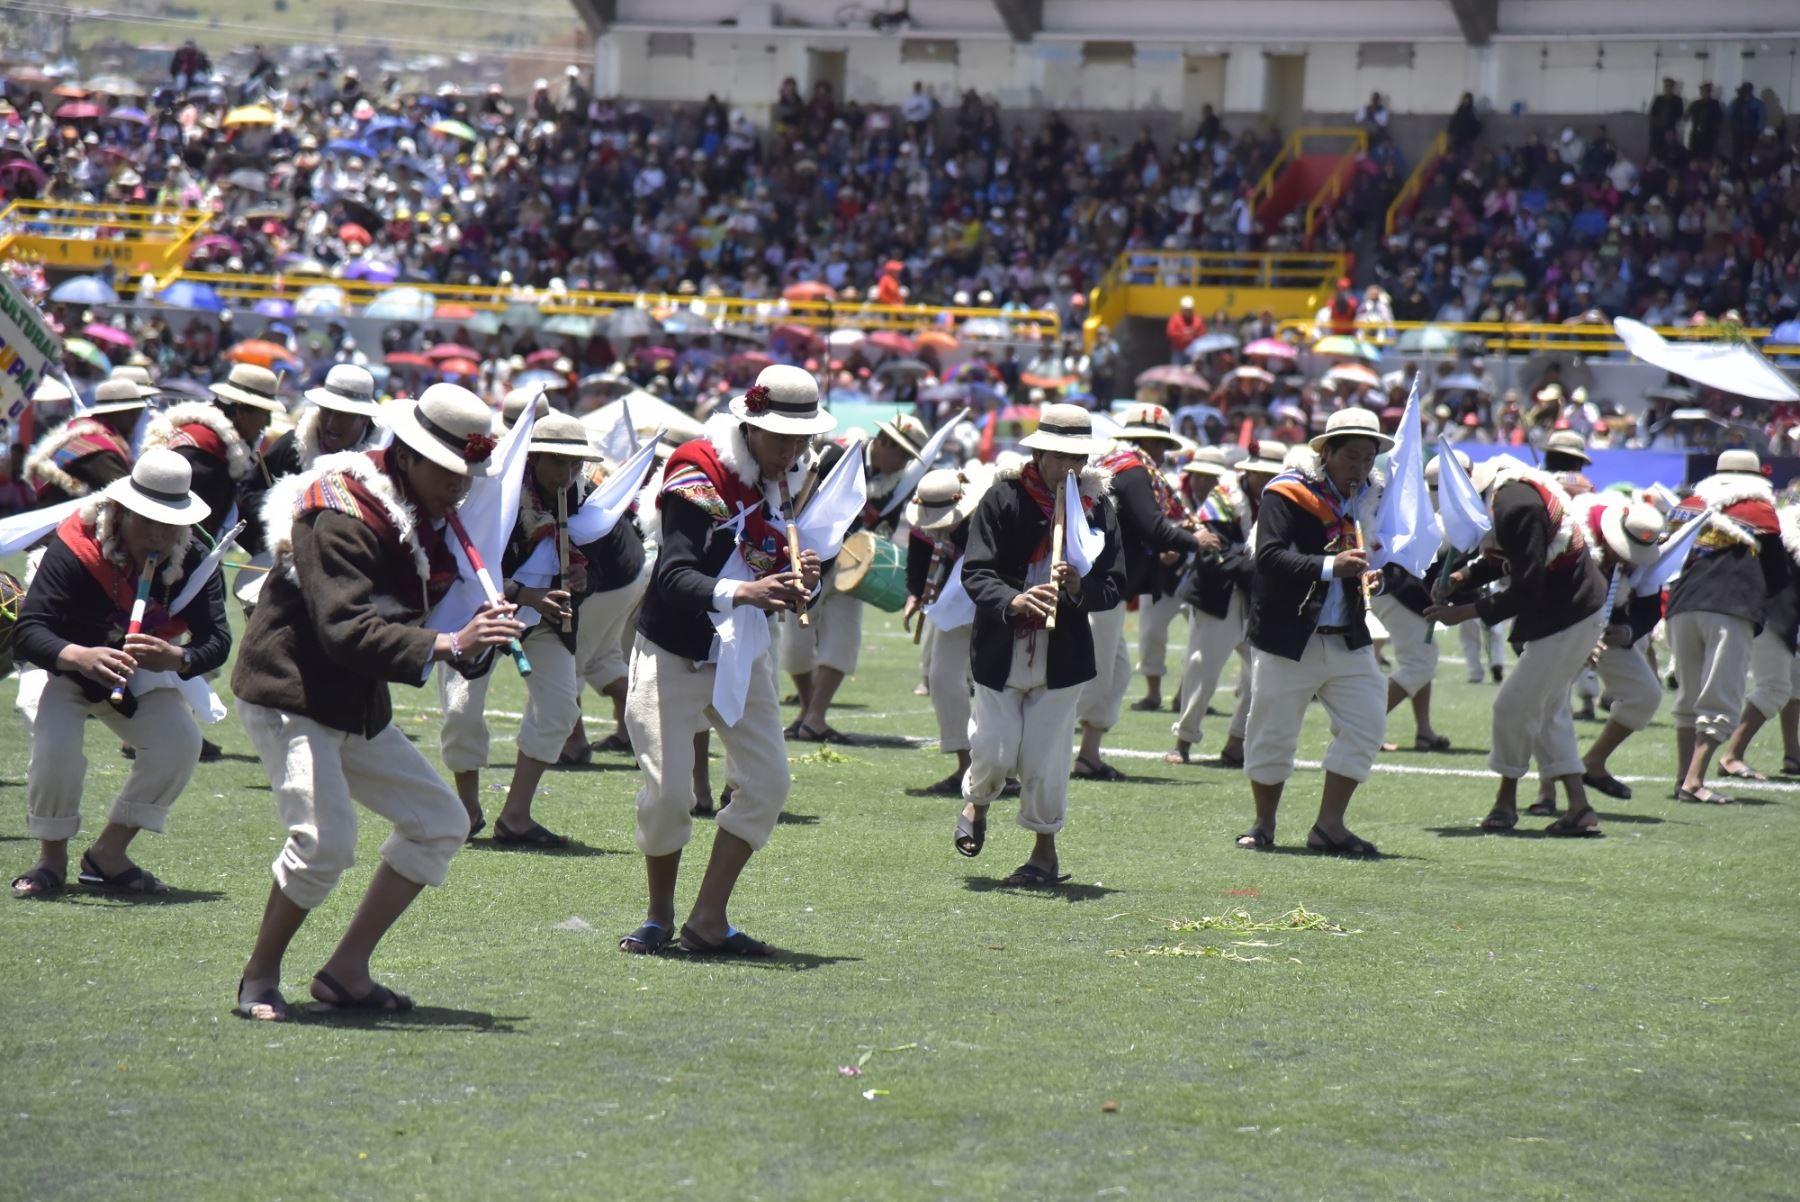 Concurso regional de danzas con trajes autóctonos se realizó en el Estadio Enrique Torres Belón.